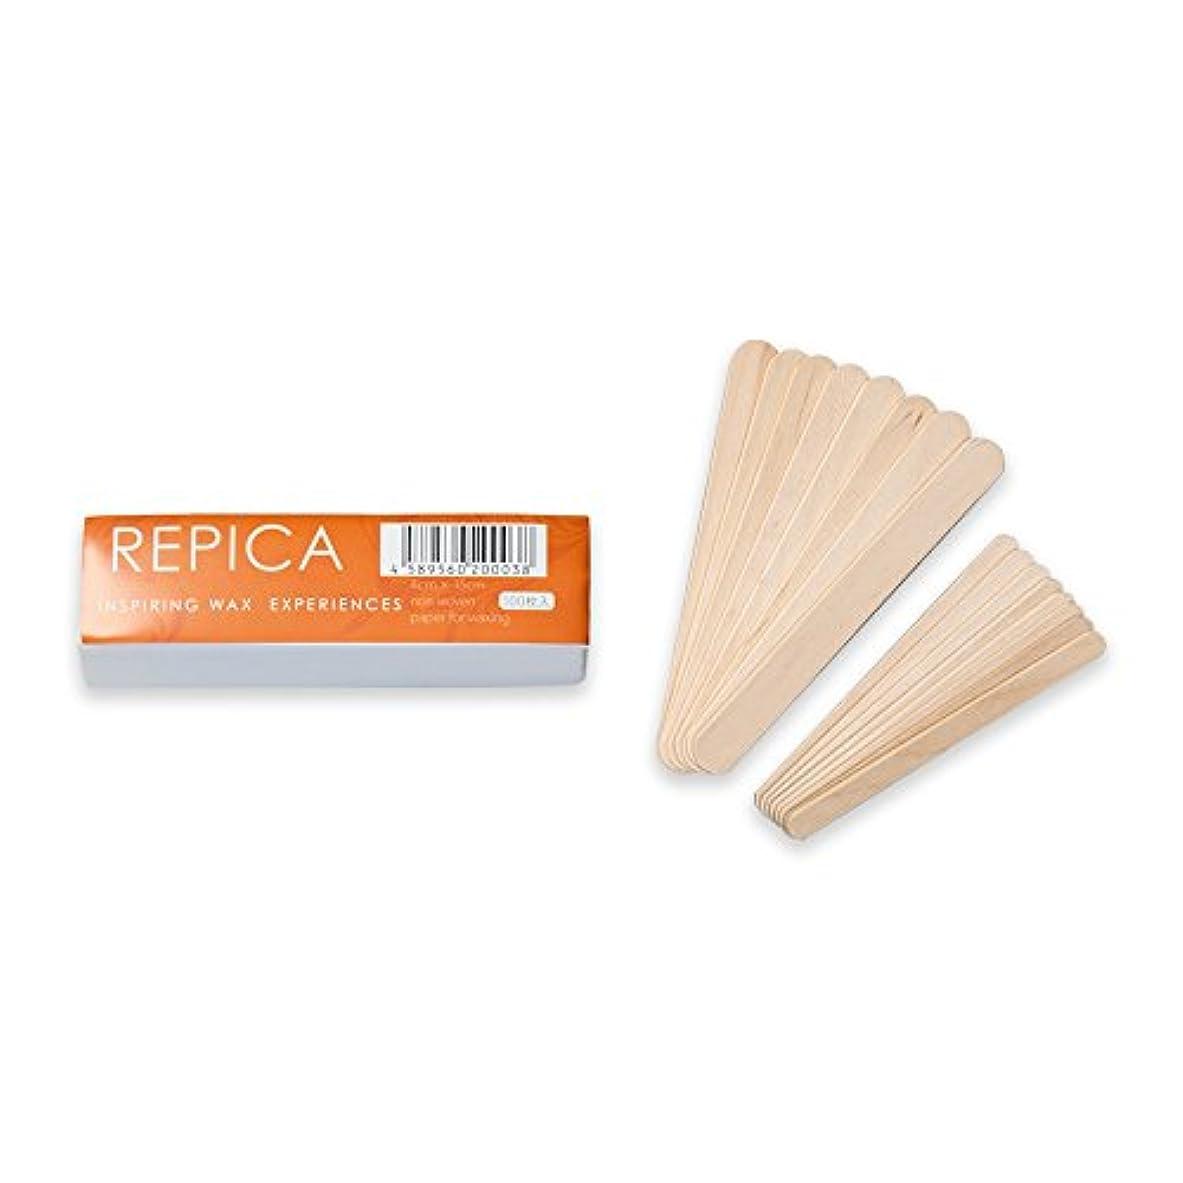 健康的小包ほかにカットワックスペーパー(ビキニ用Sサイズ)&スパチュラ大小セット (業務用 セルフ 自宅 用) ブラジリアンワックス ワックス脱毛 専用セット